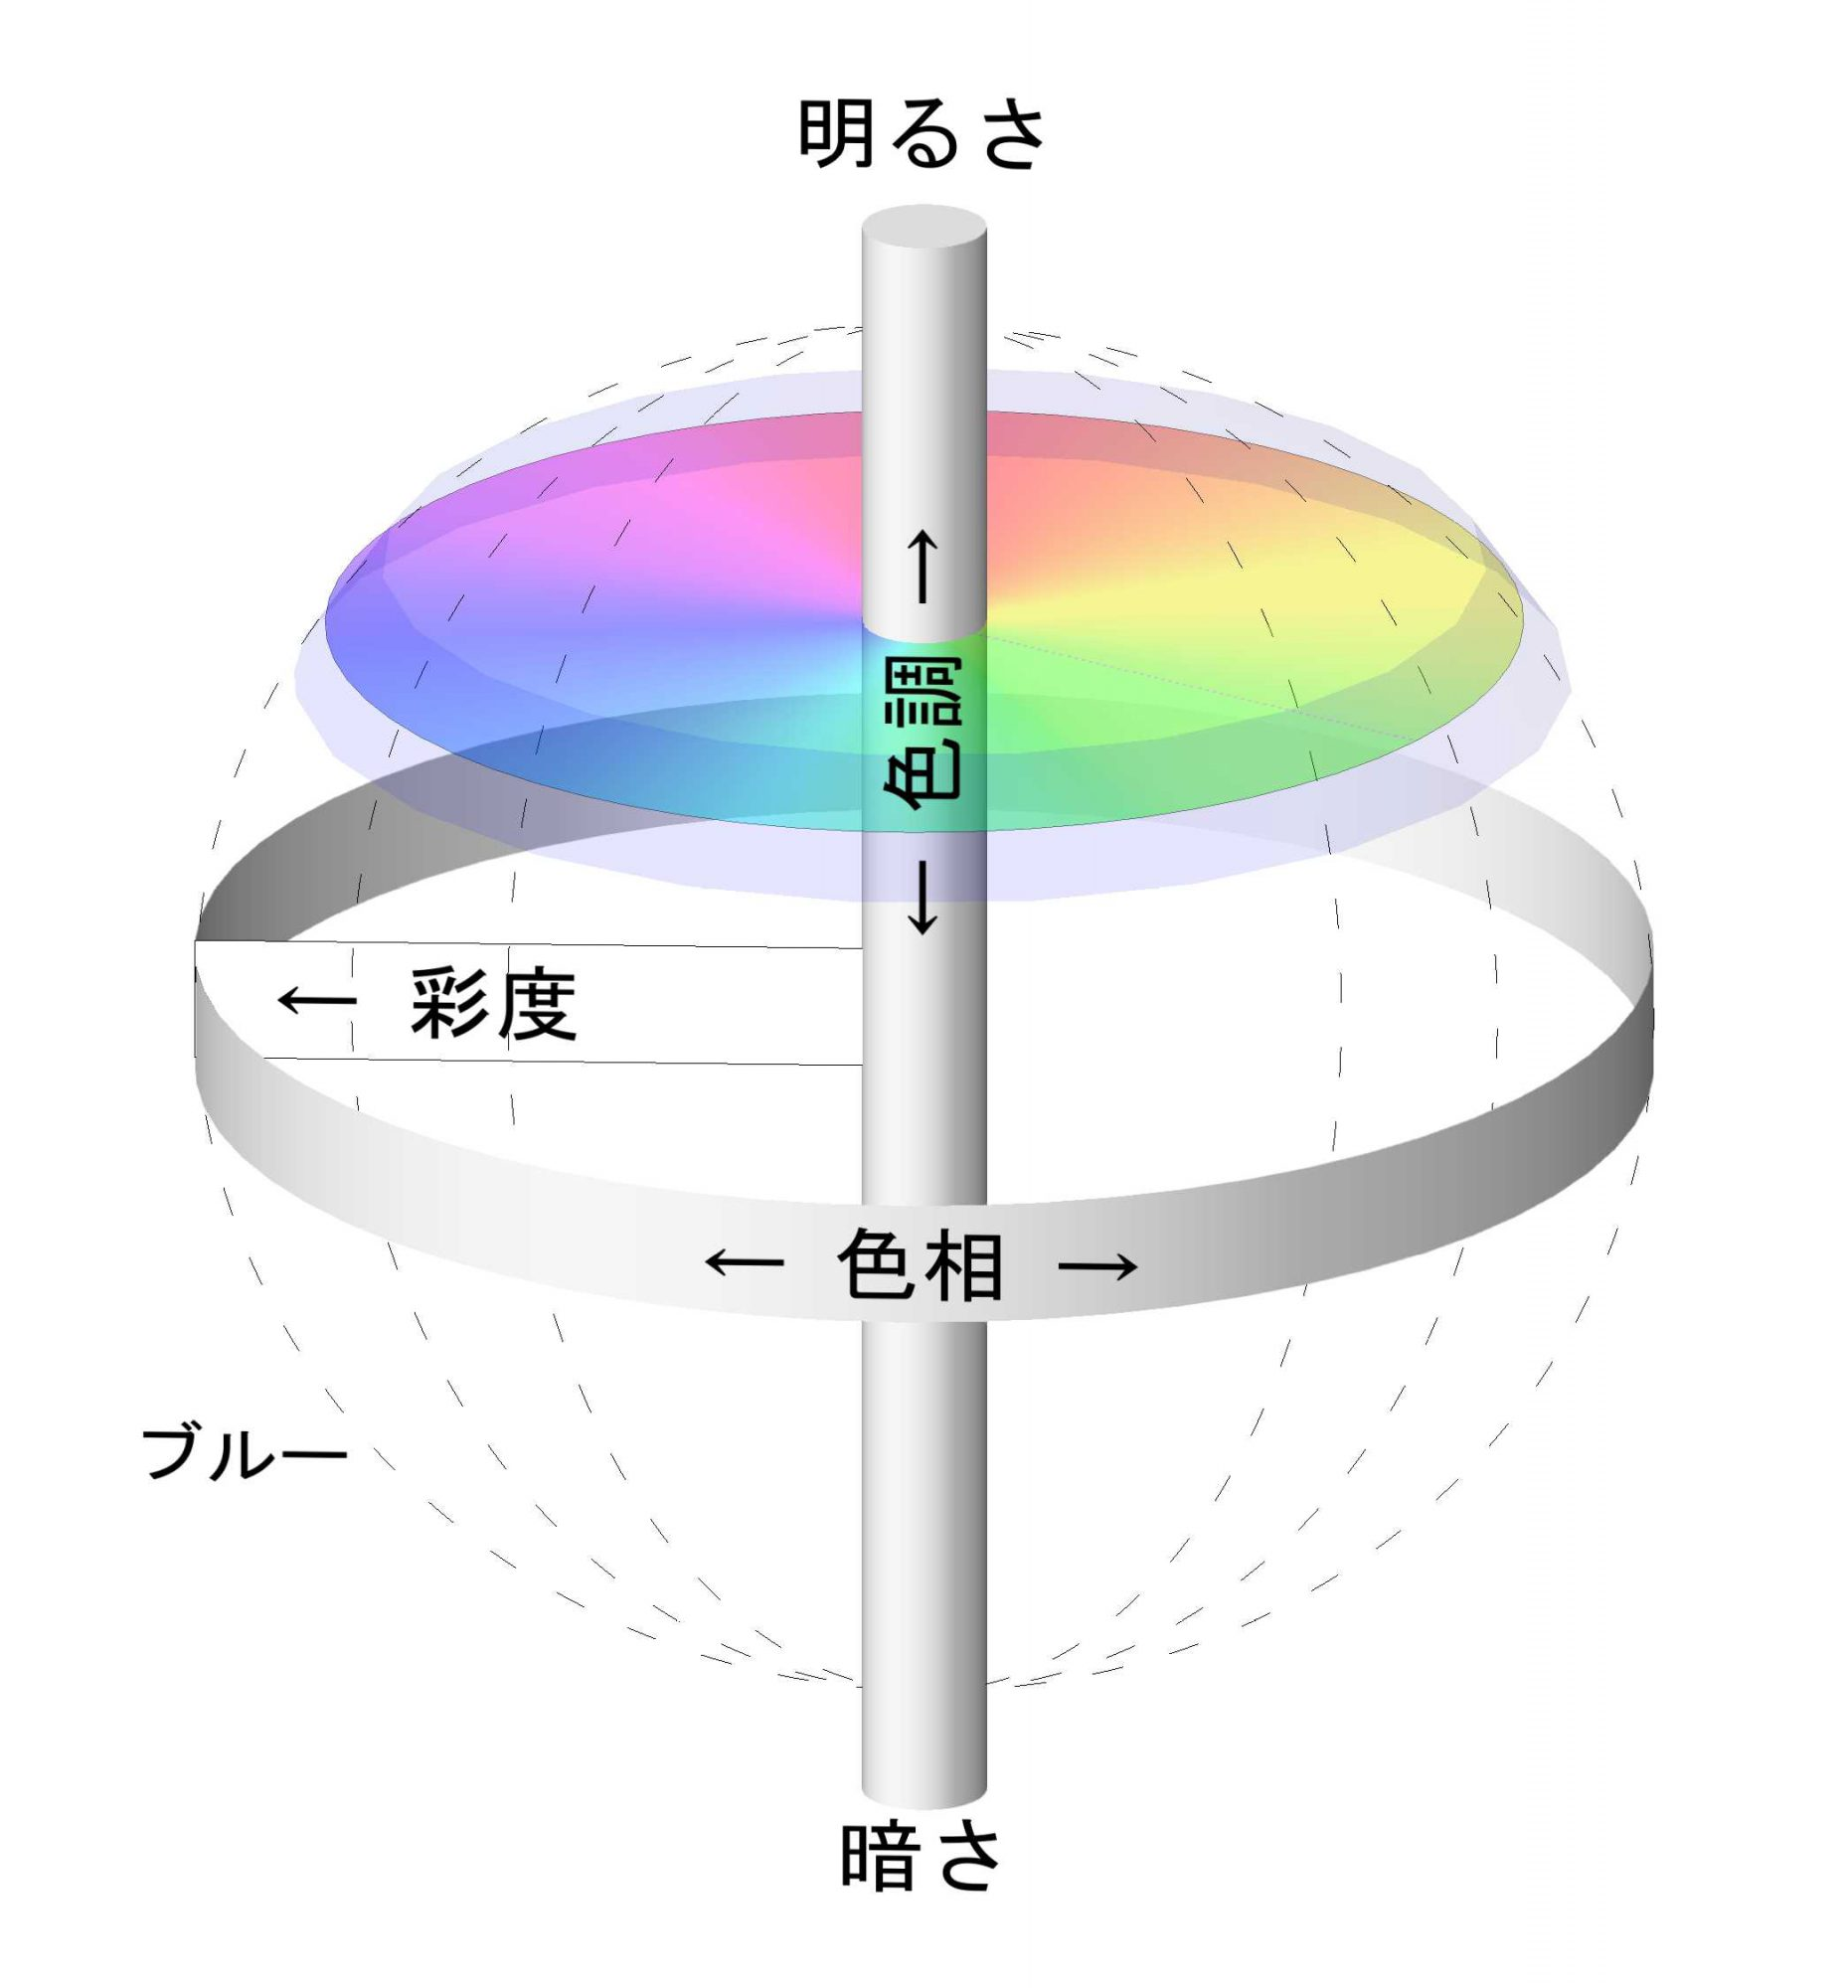 色相、色調、彩度の3軸の図の明るい色調の位置